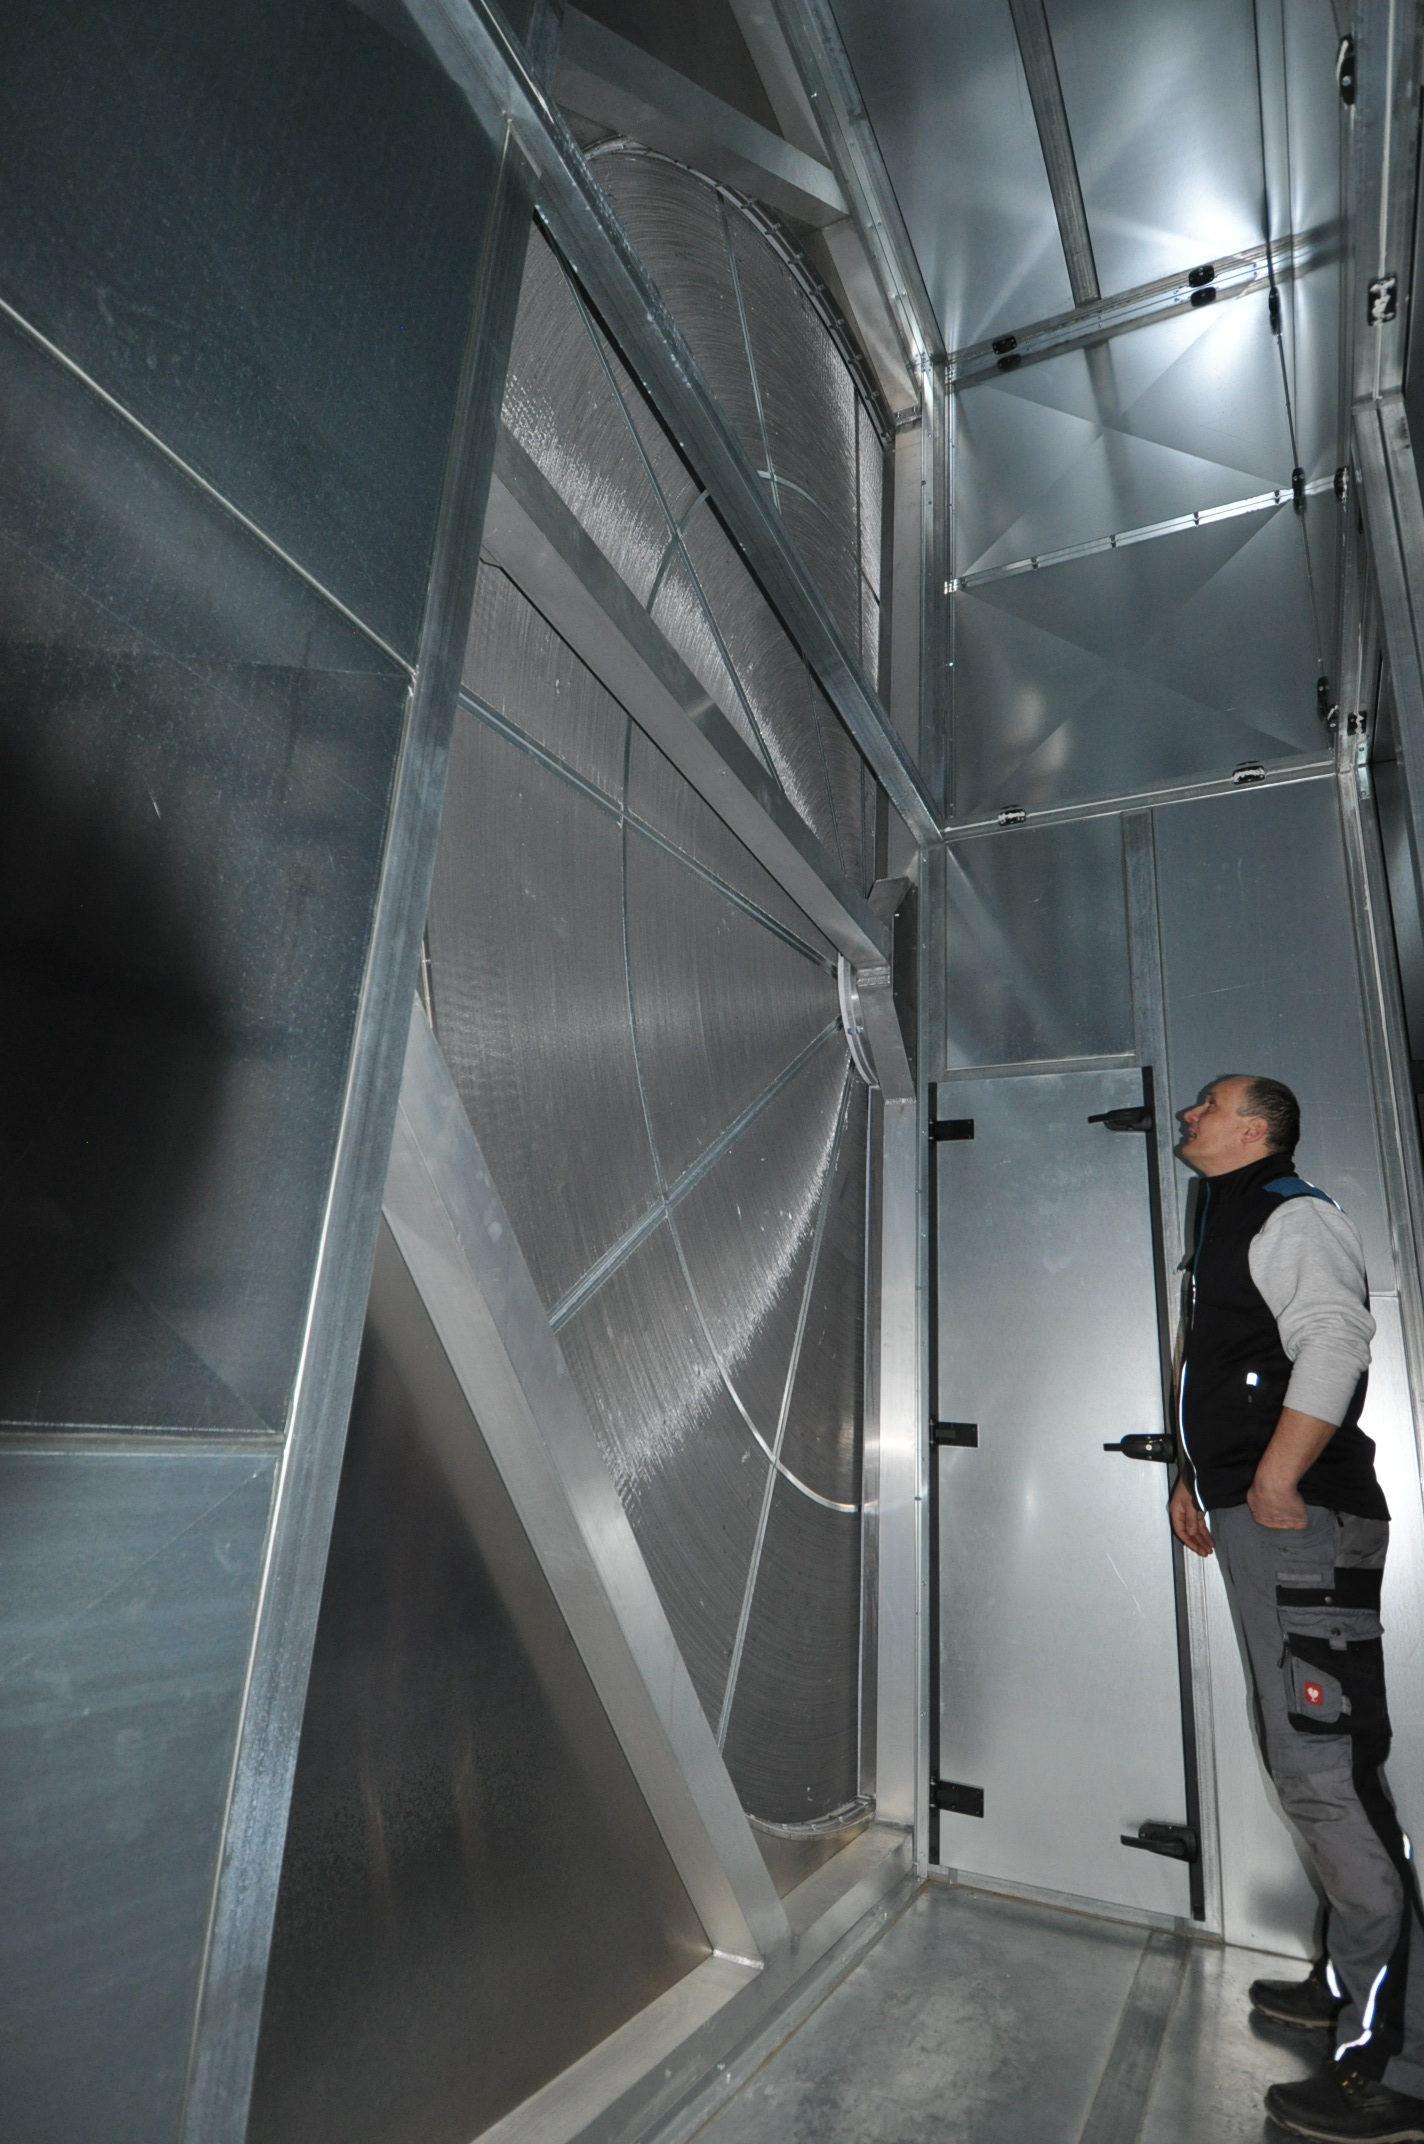 SEHON Rotationswärmetauscher in großer Dimension mit sehr hohem Wirkungsgrad.